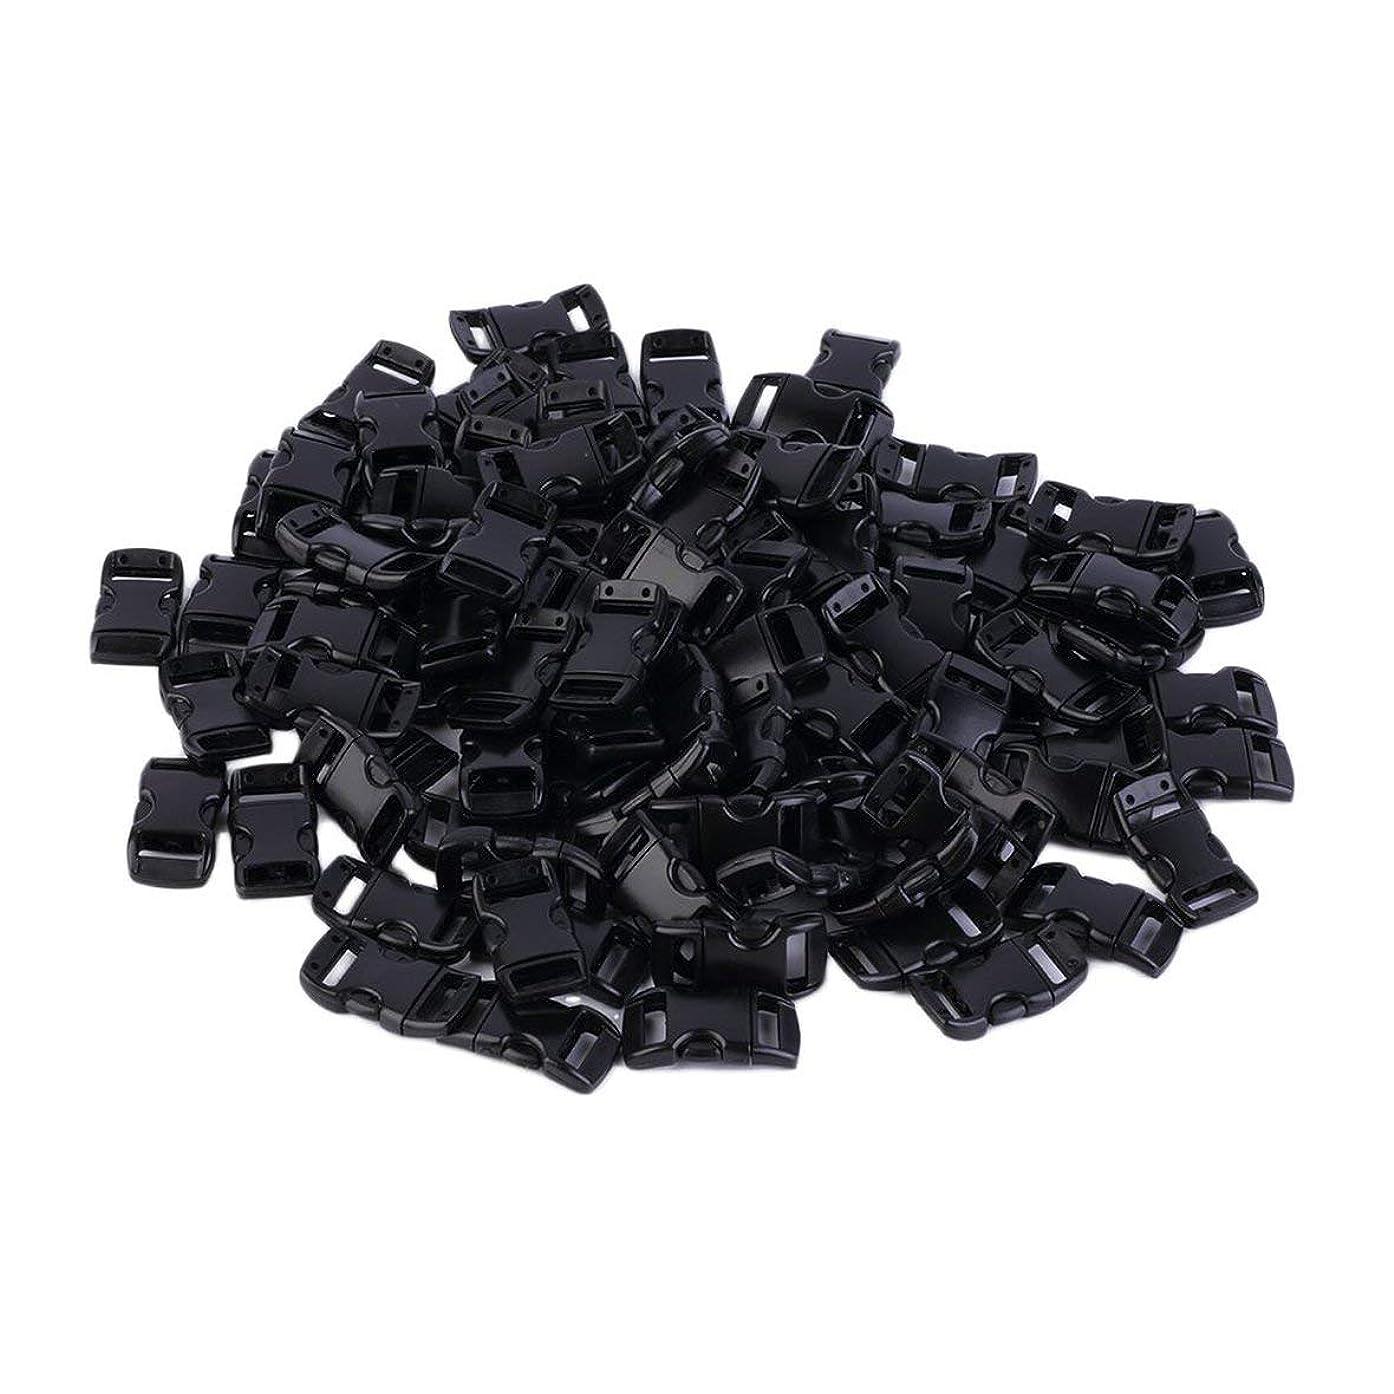 防腐剤アセアナニバーBlackfell プラスチック100個ウェビングスロット3/8インチ輪郭の湾曲したサイドリリースバックル用パラコードブレスレット約28 x 18 mm